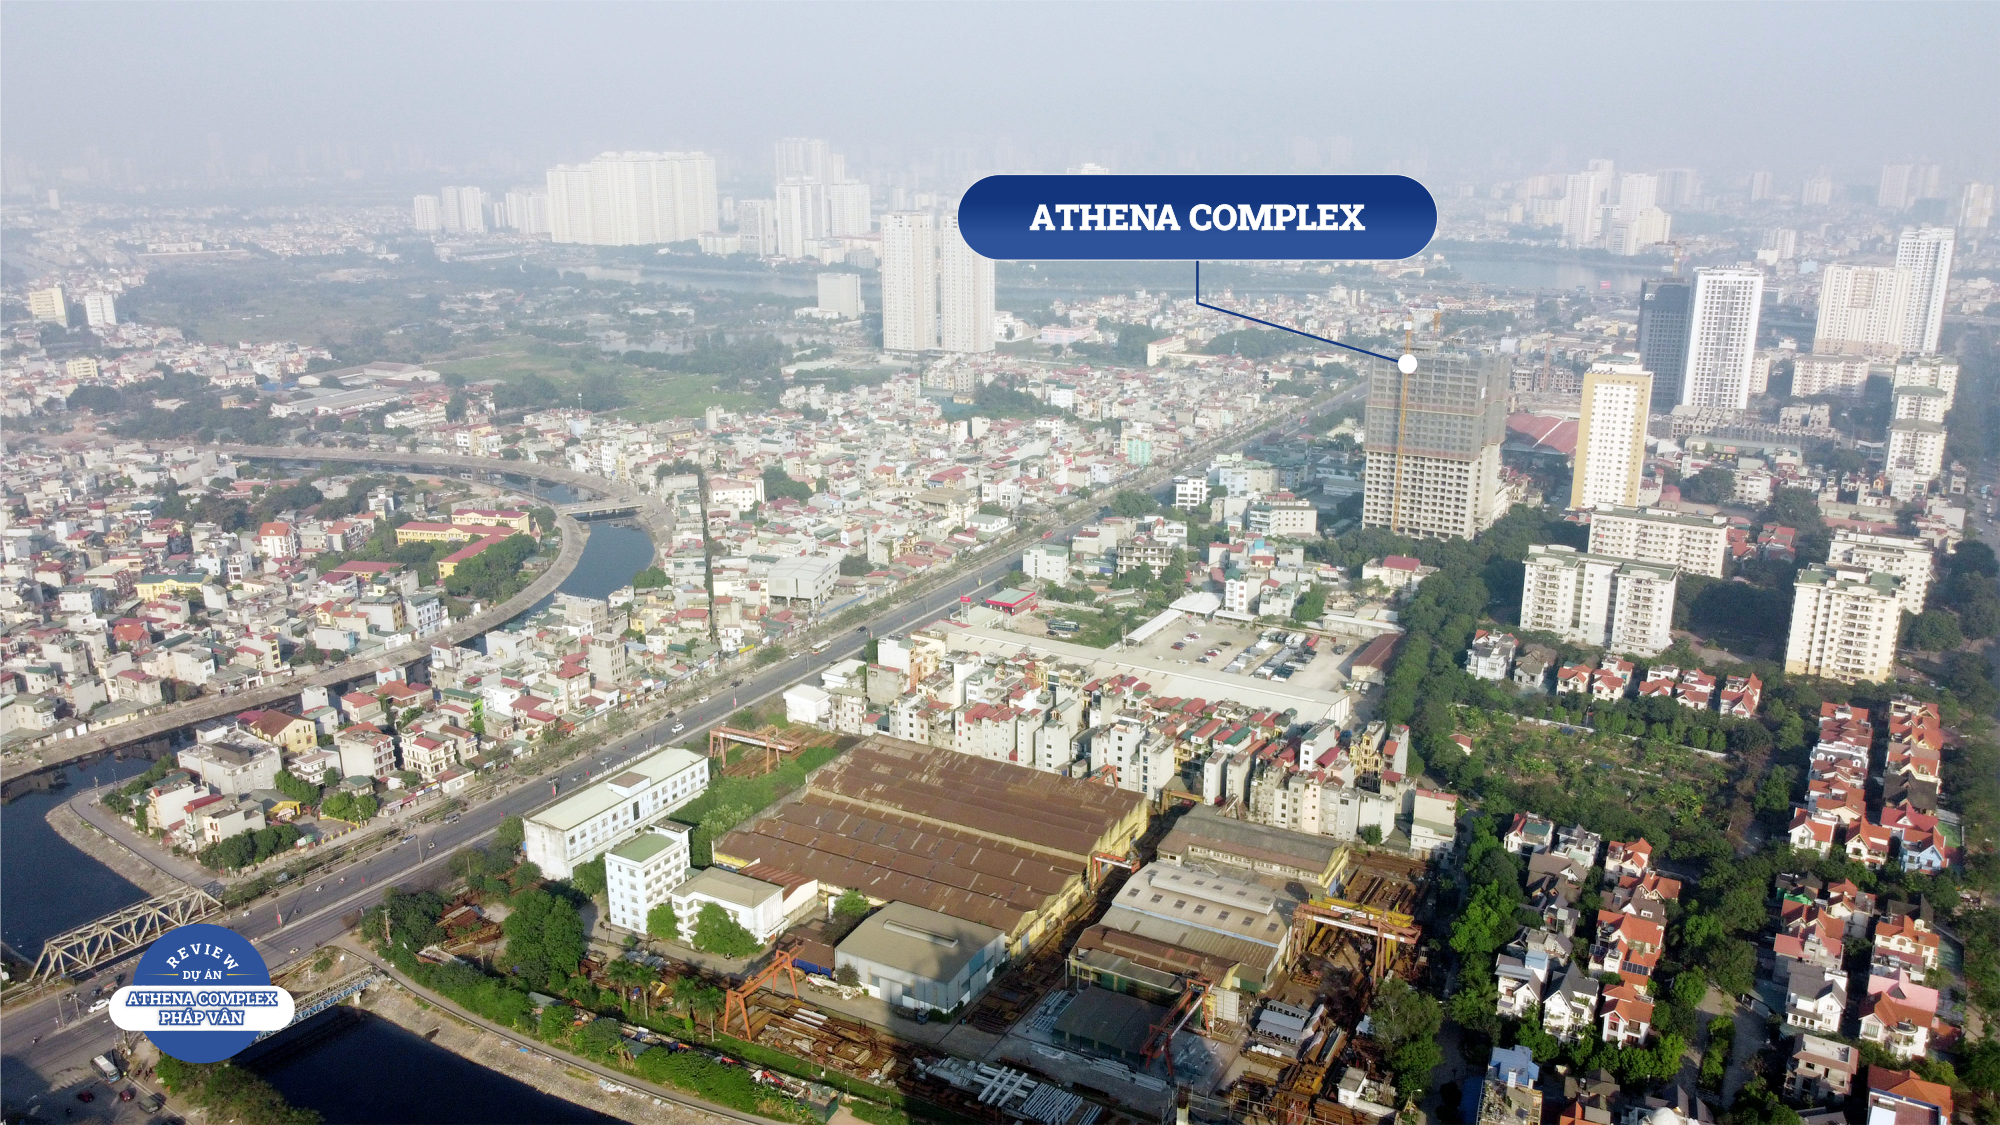 Review dự án Athena Complex Pháp Vân đang mở bán: Gần nhiều tuyến giao thông huyết mạch phía nam Hà Nội - Ảnh 1.